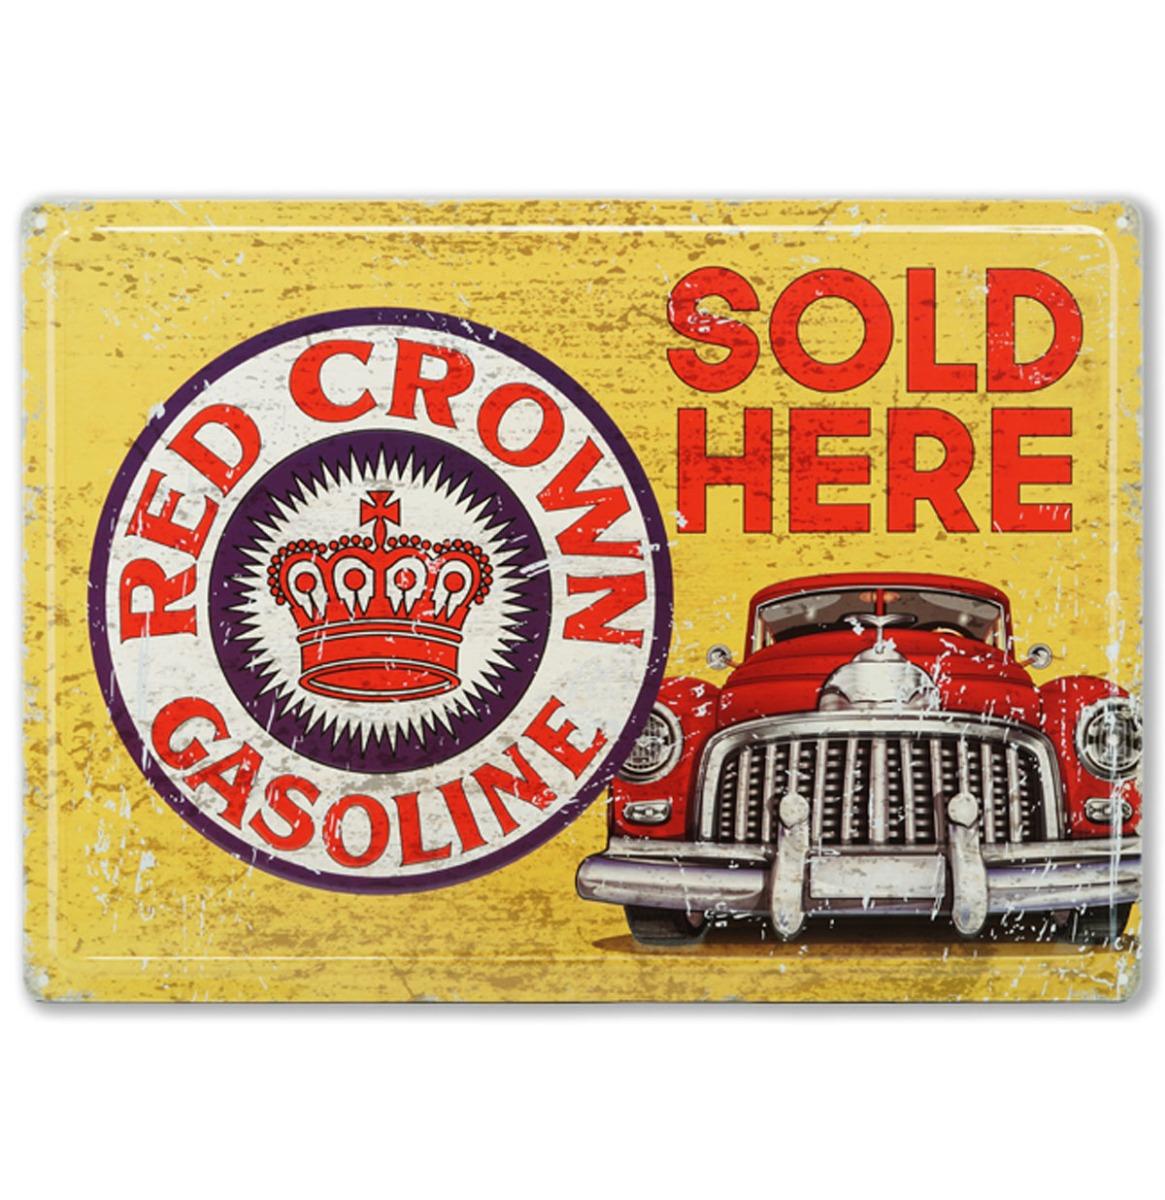 Red Crown Gasoline Sold Here - Metalen Bord Met Reliëf - 43 x 31 cm